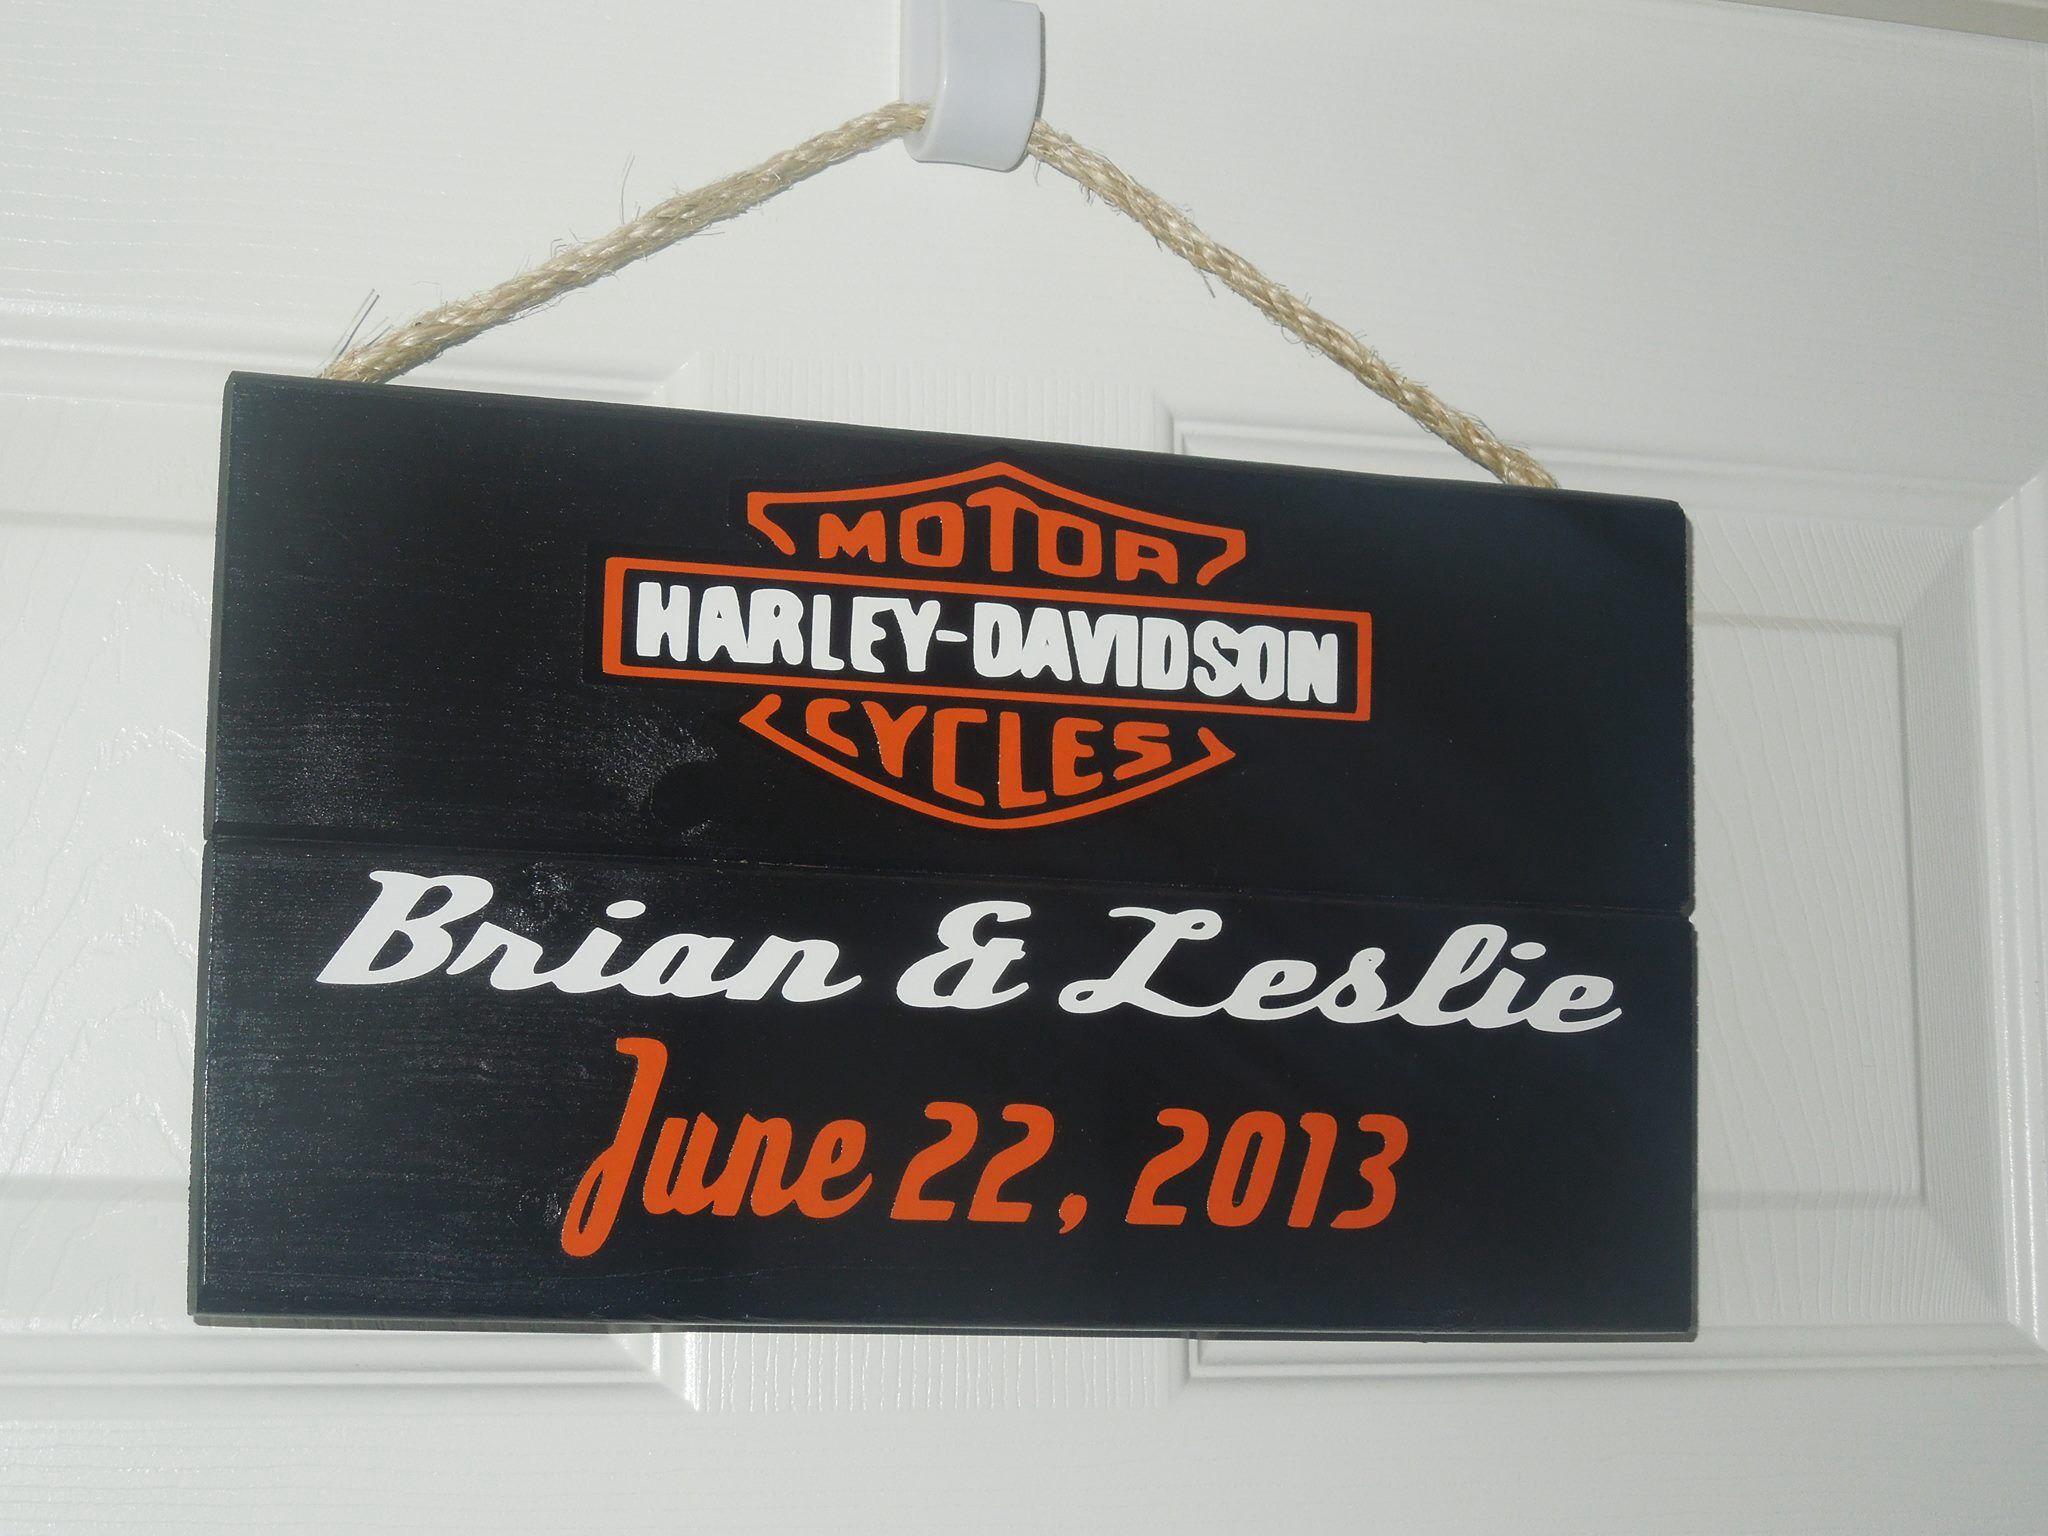 Harley Davidson Wedding Anniversary httpswwwfacebookcom